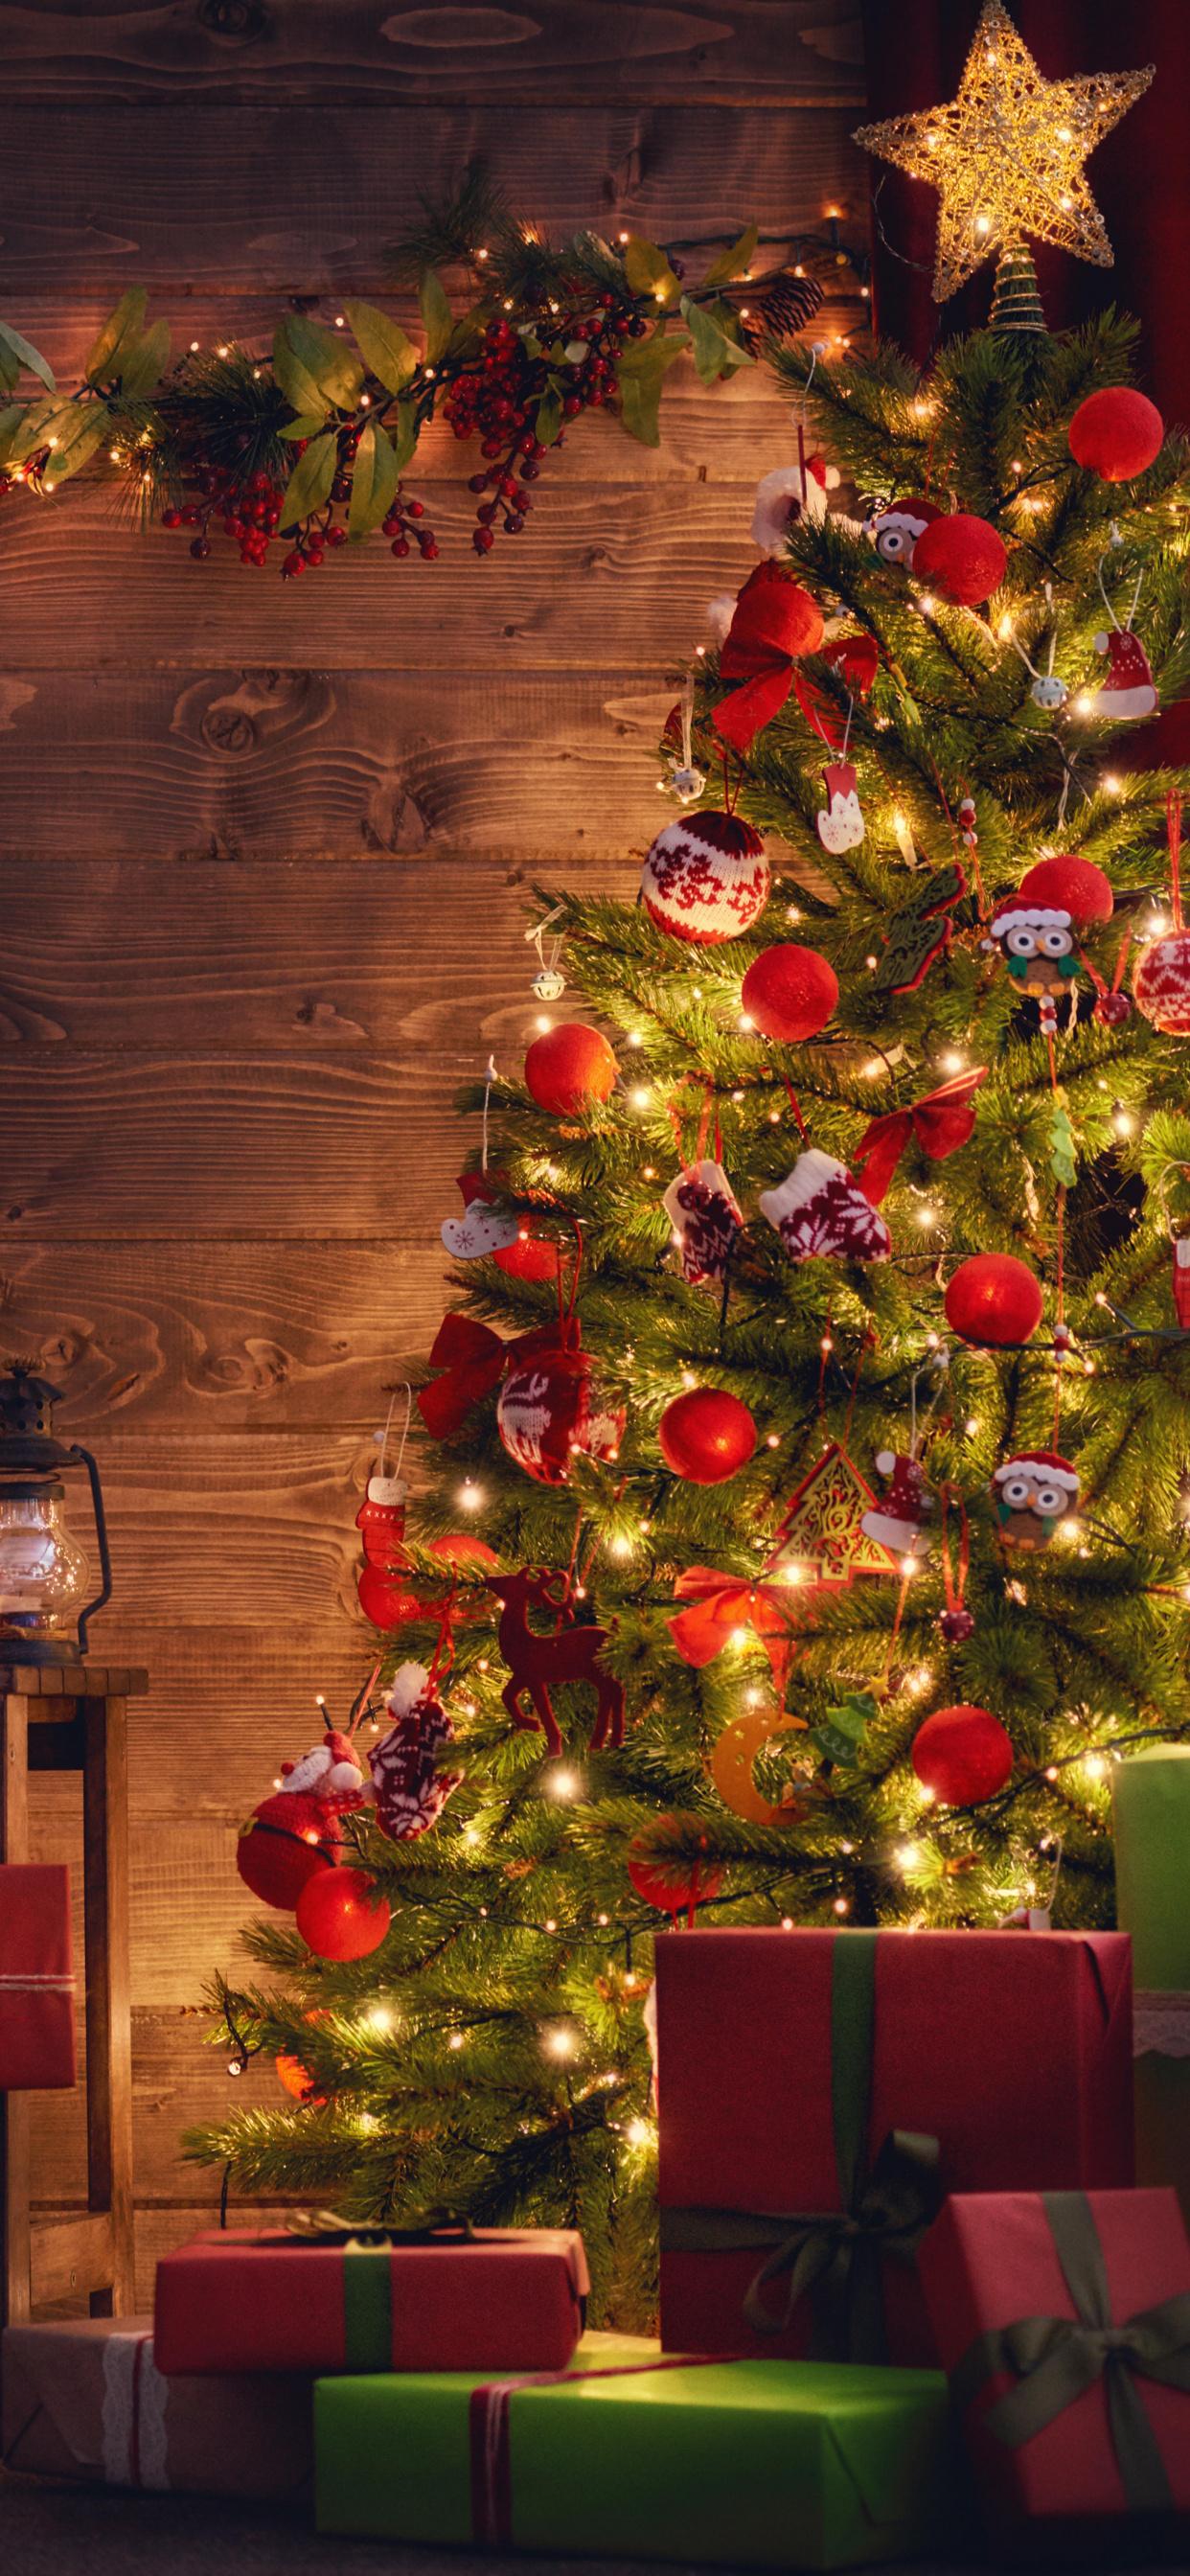 Christmas Tree Holiday Christmas Decor Christmas